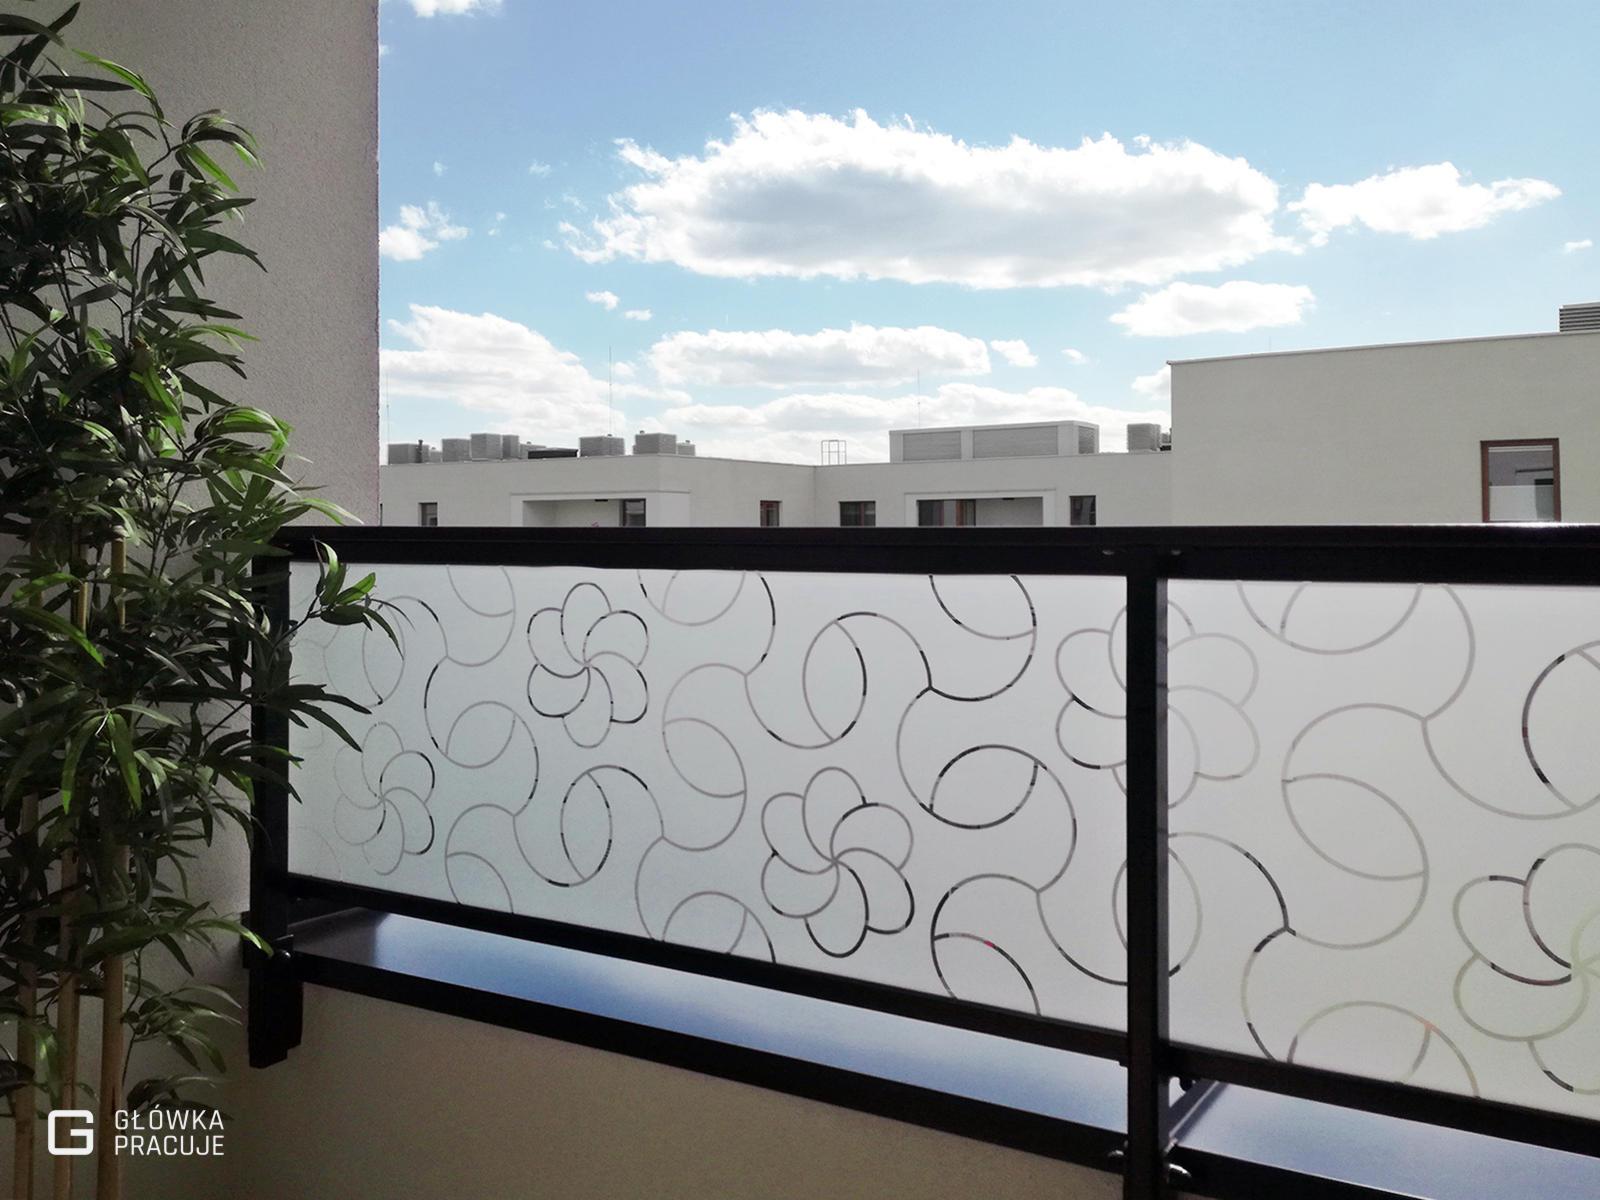 Główka Pracuje - matująca mrożona folia na szyby na balkonie z wyciętym florystycznym patternem - Warszawa